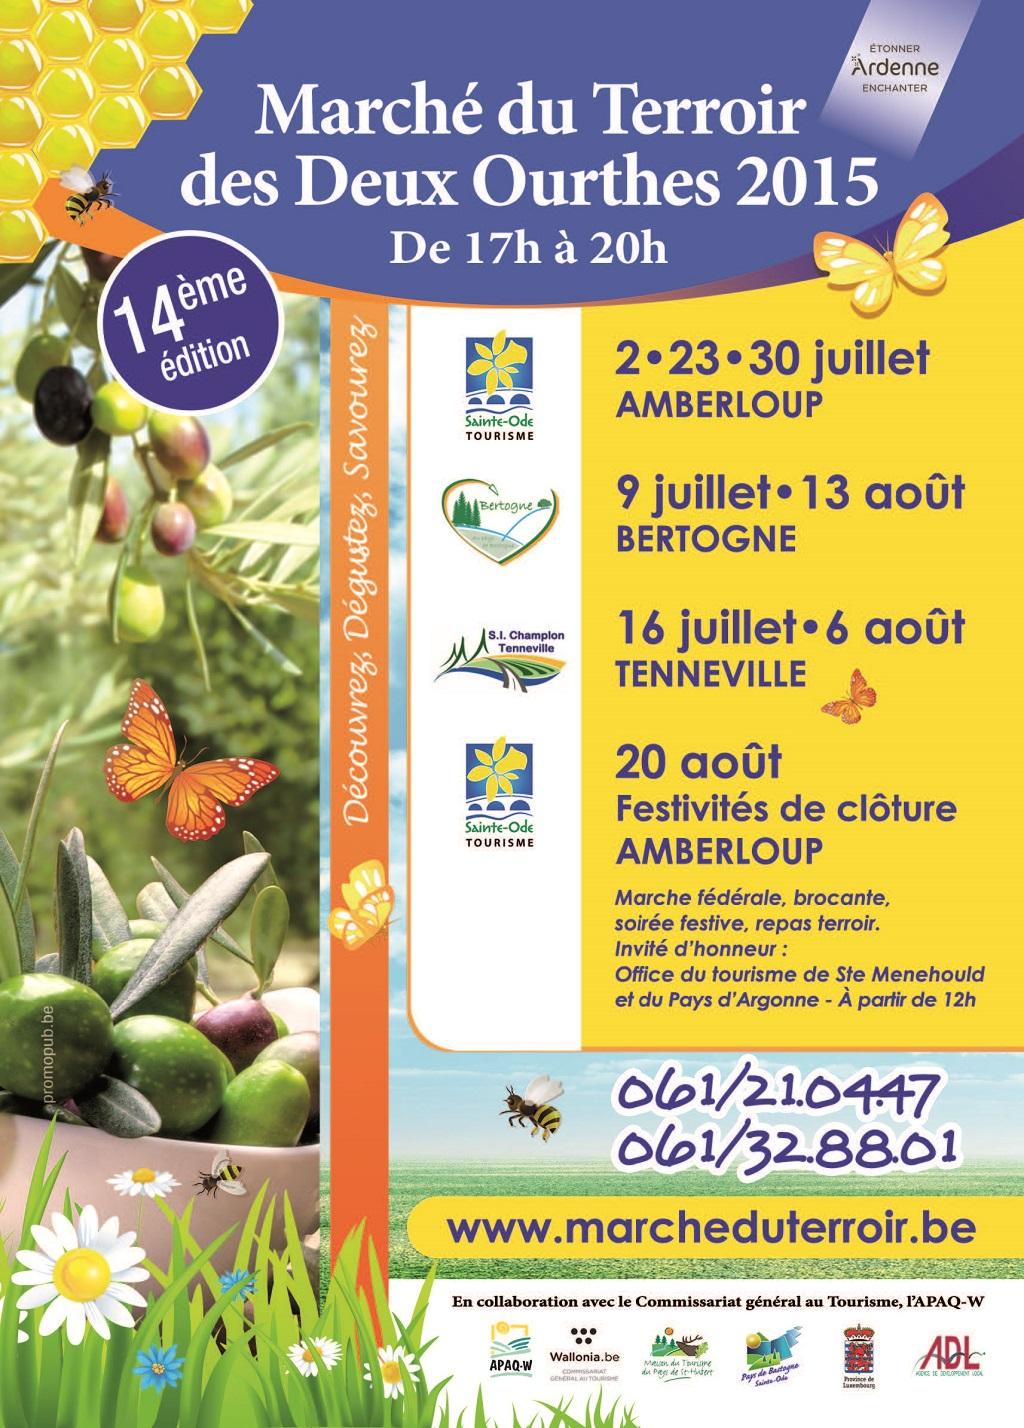 Marché du Terroir – Saint-ode  MAberloup- Bertogne- Tenneville